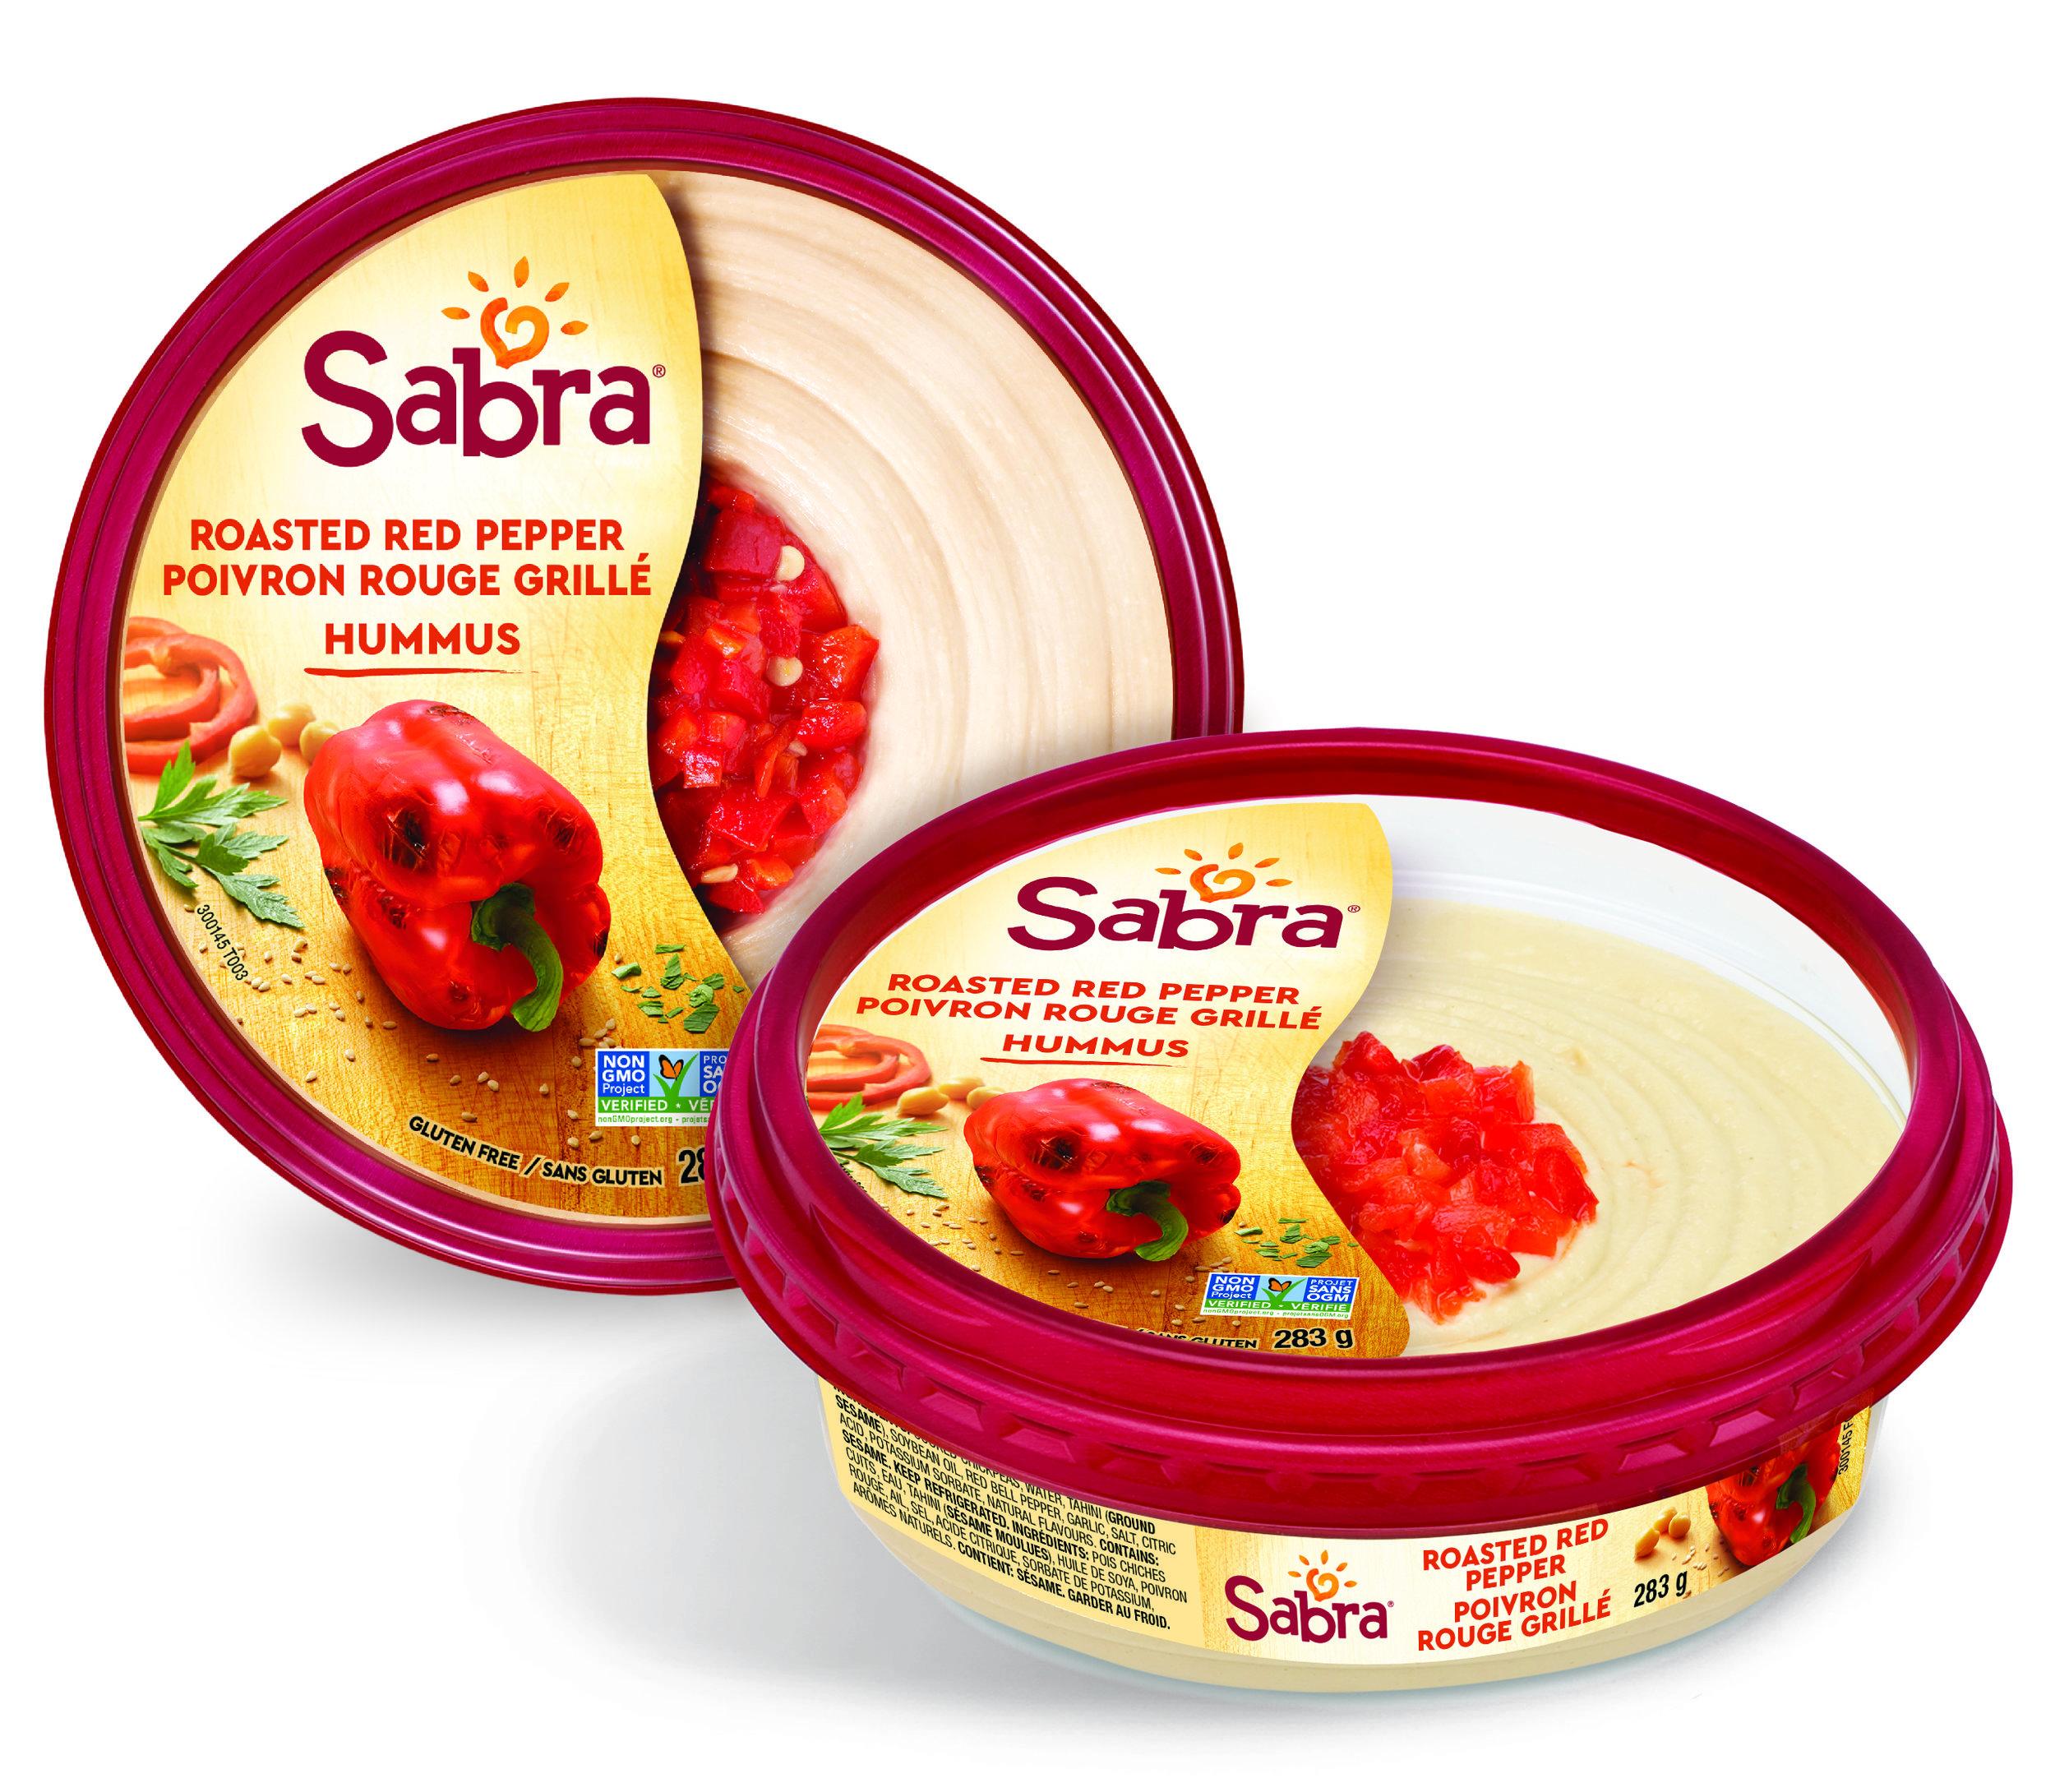 Sabra Hummus Rendering both view-01.jpg